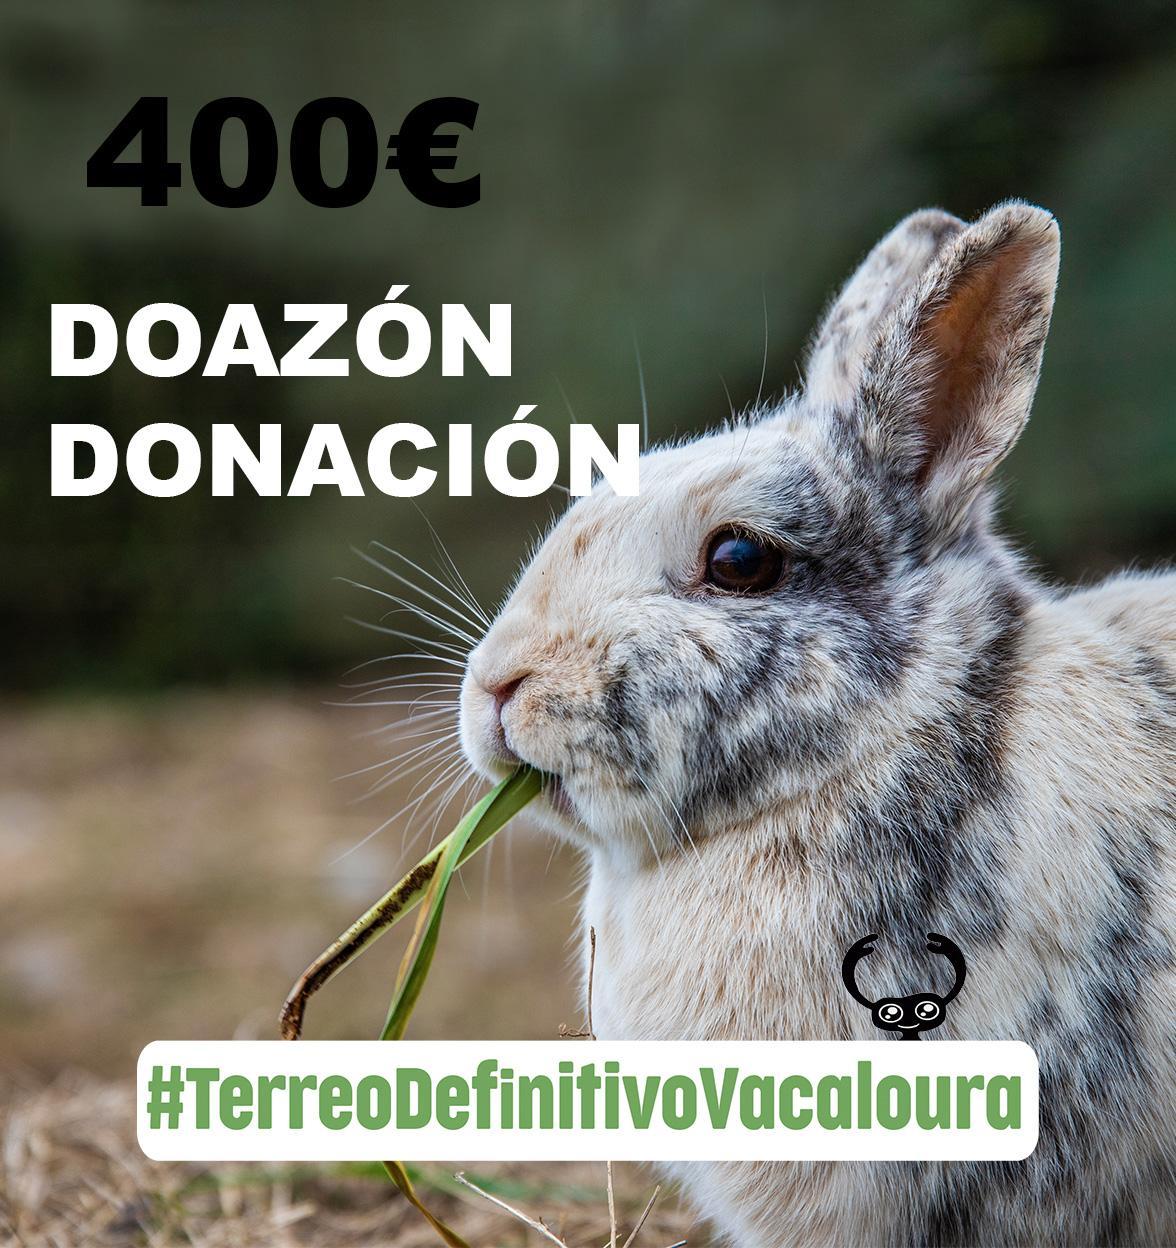 doa 400 euros á campaña do terreo definitivo para o santuario